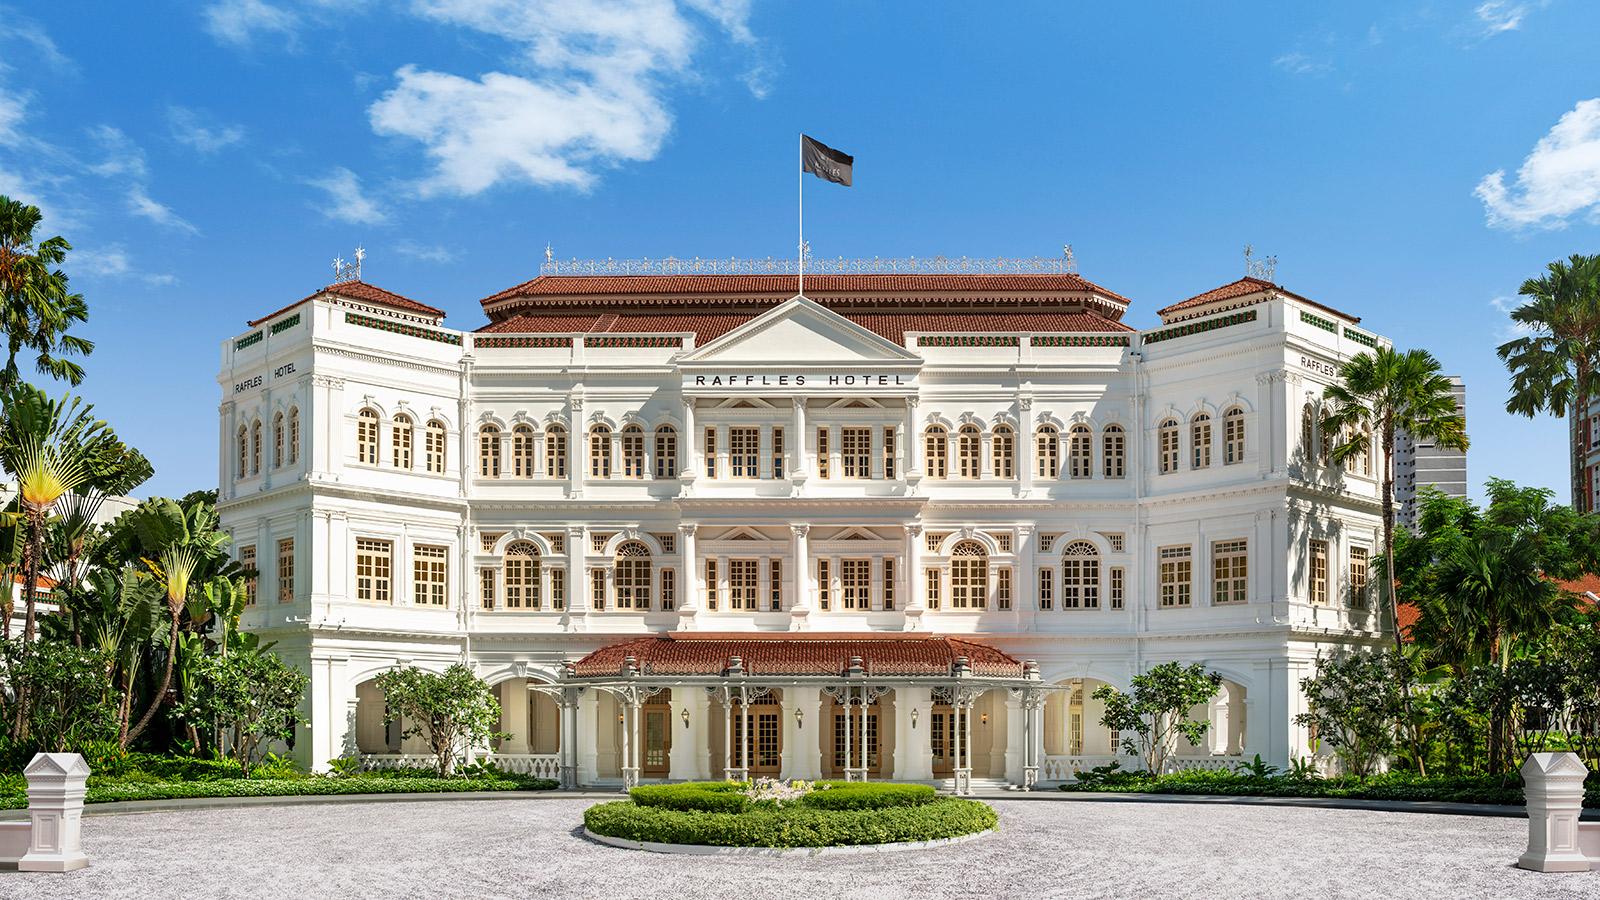 O icônico prédio do Raffles Hotel